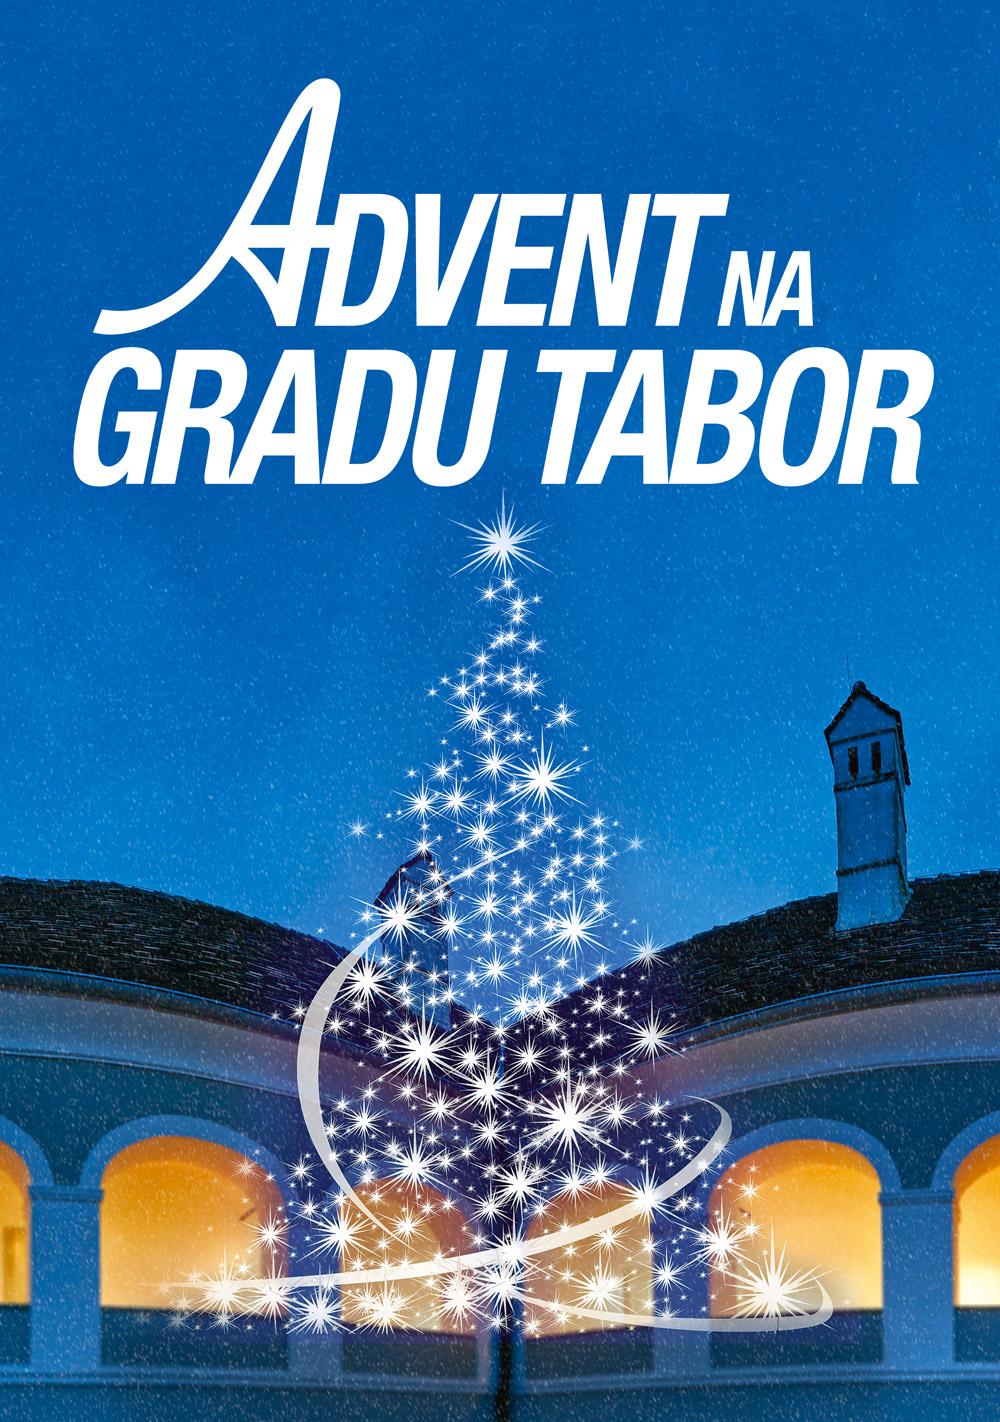 advent-schloss-tabor-slo